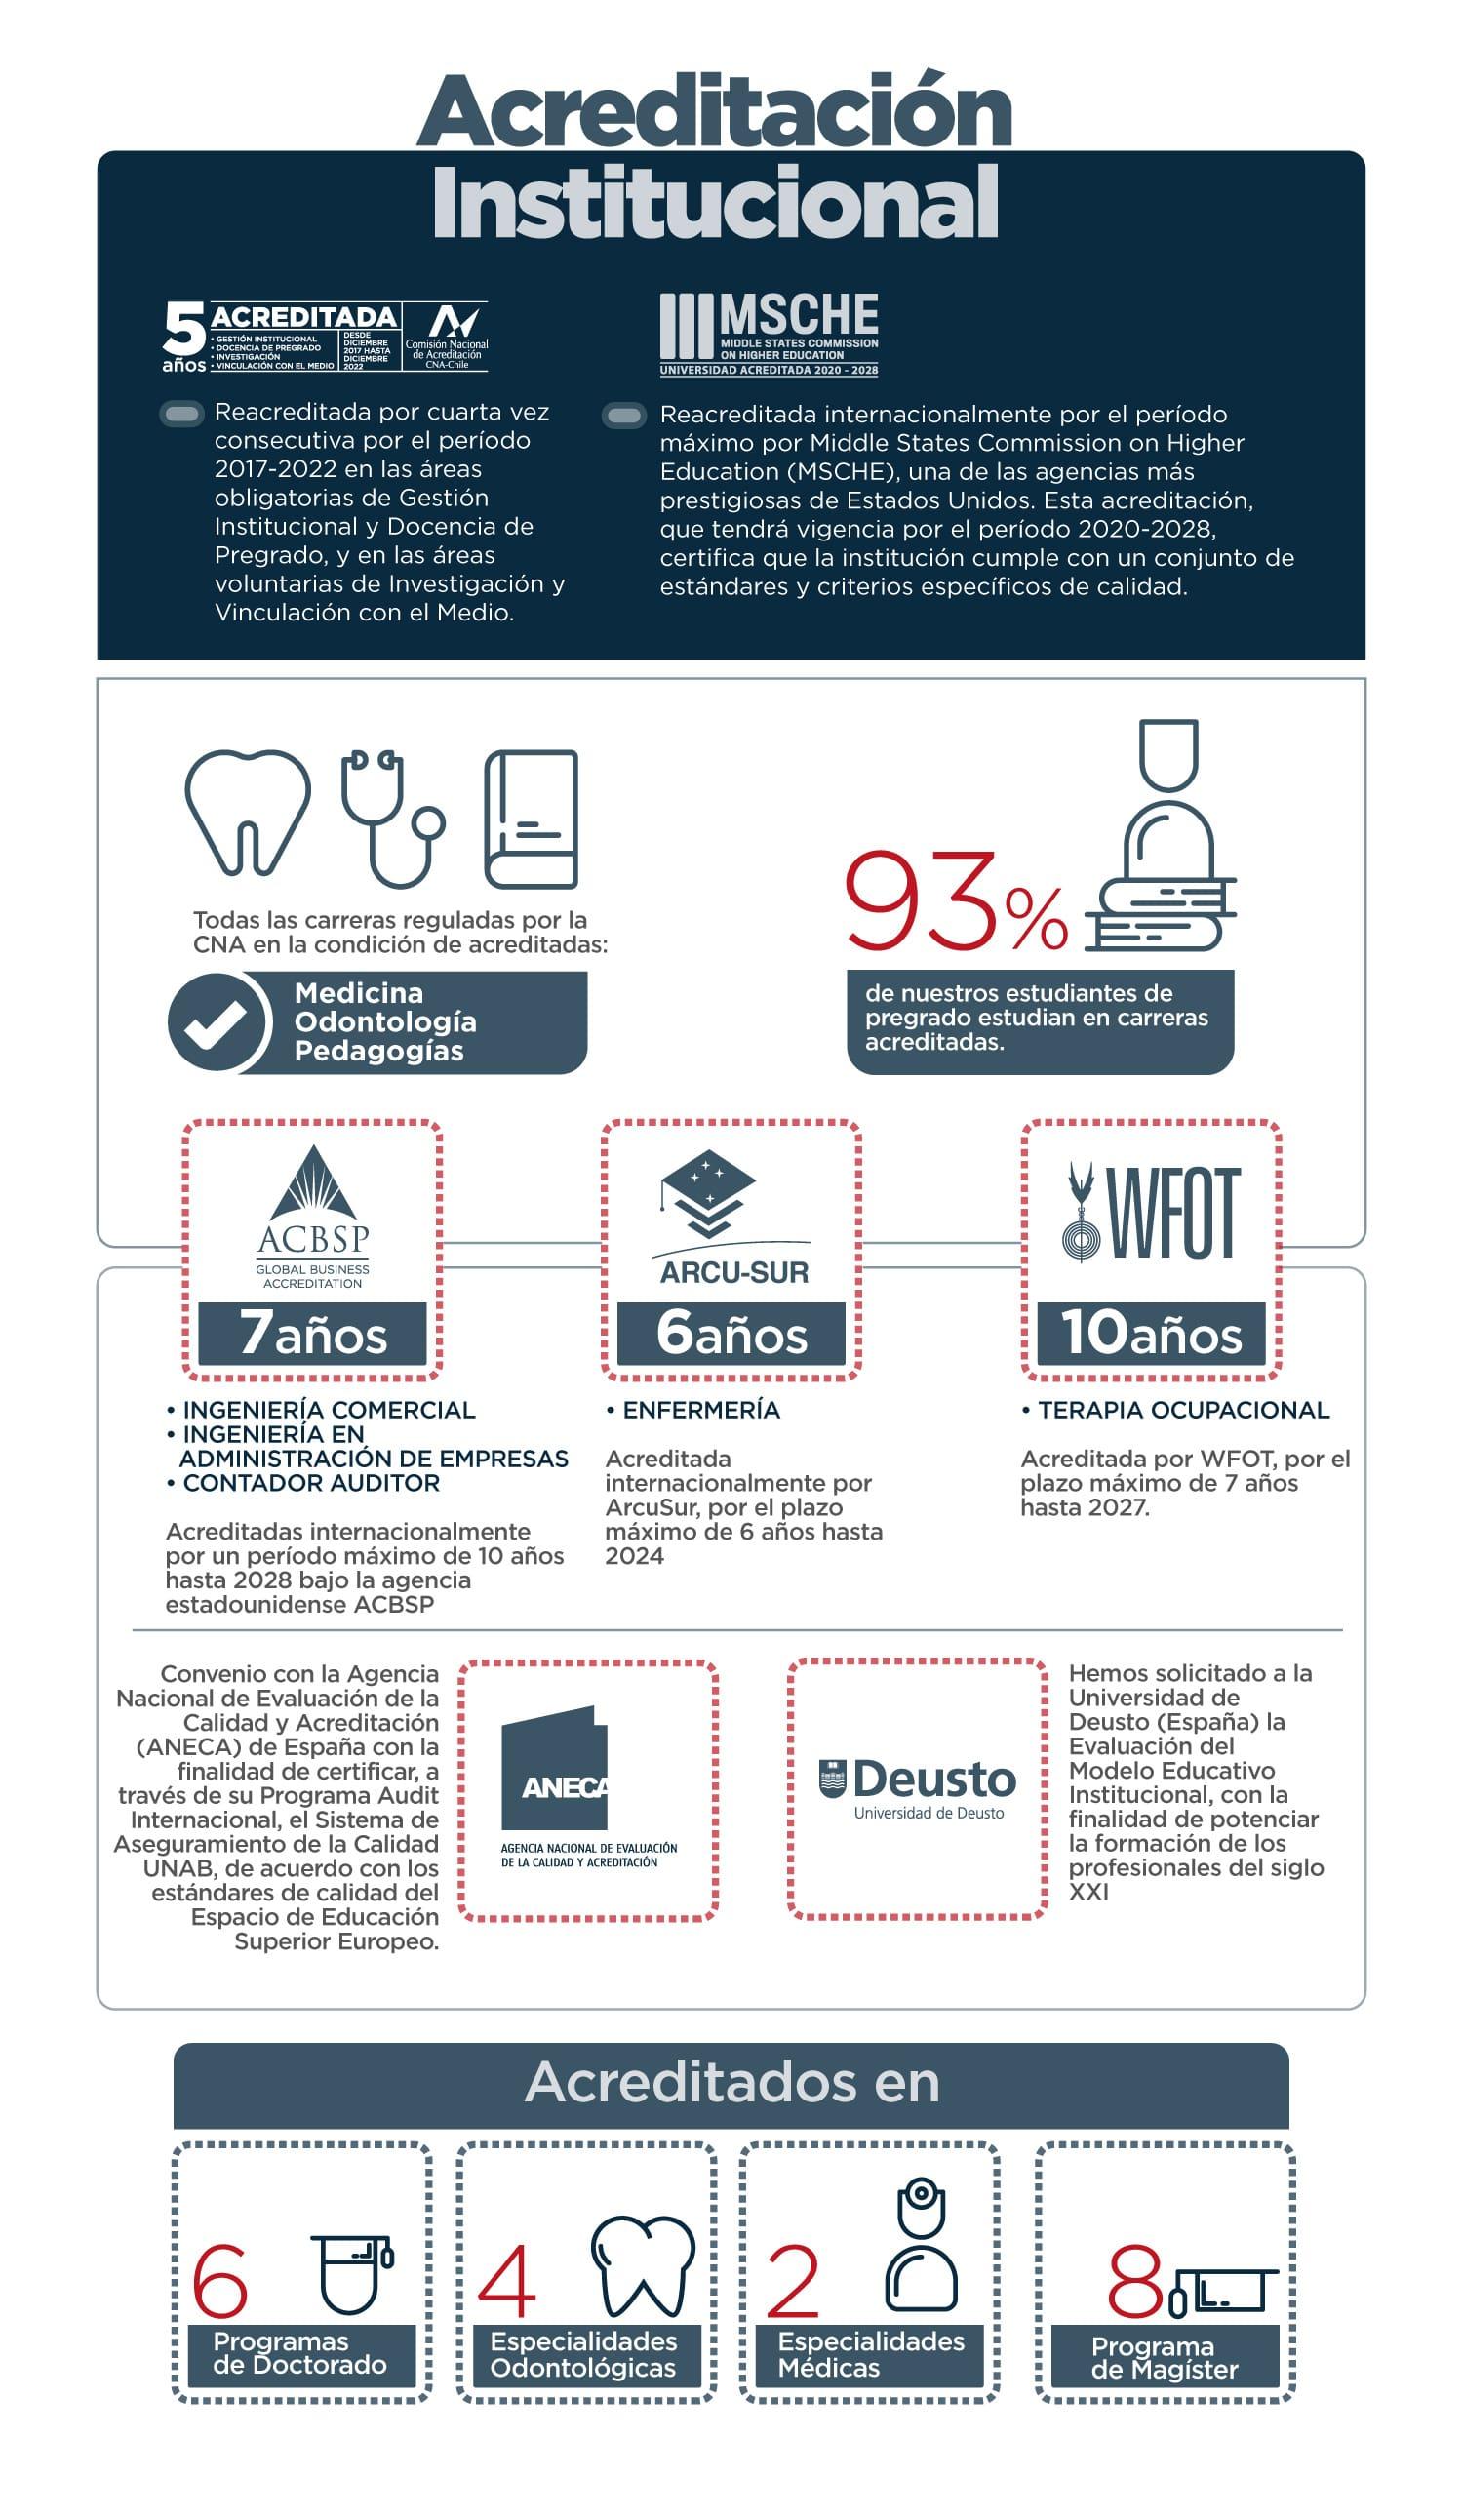 Infografía Acreditación Institucional UNAB